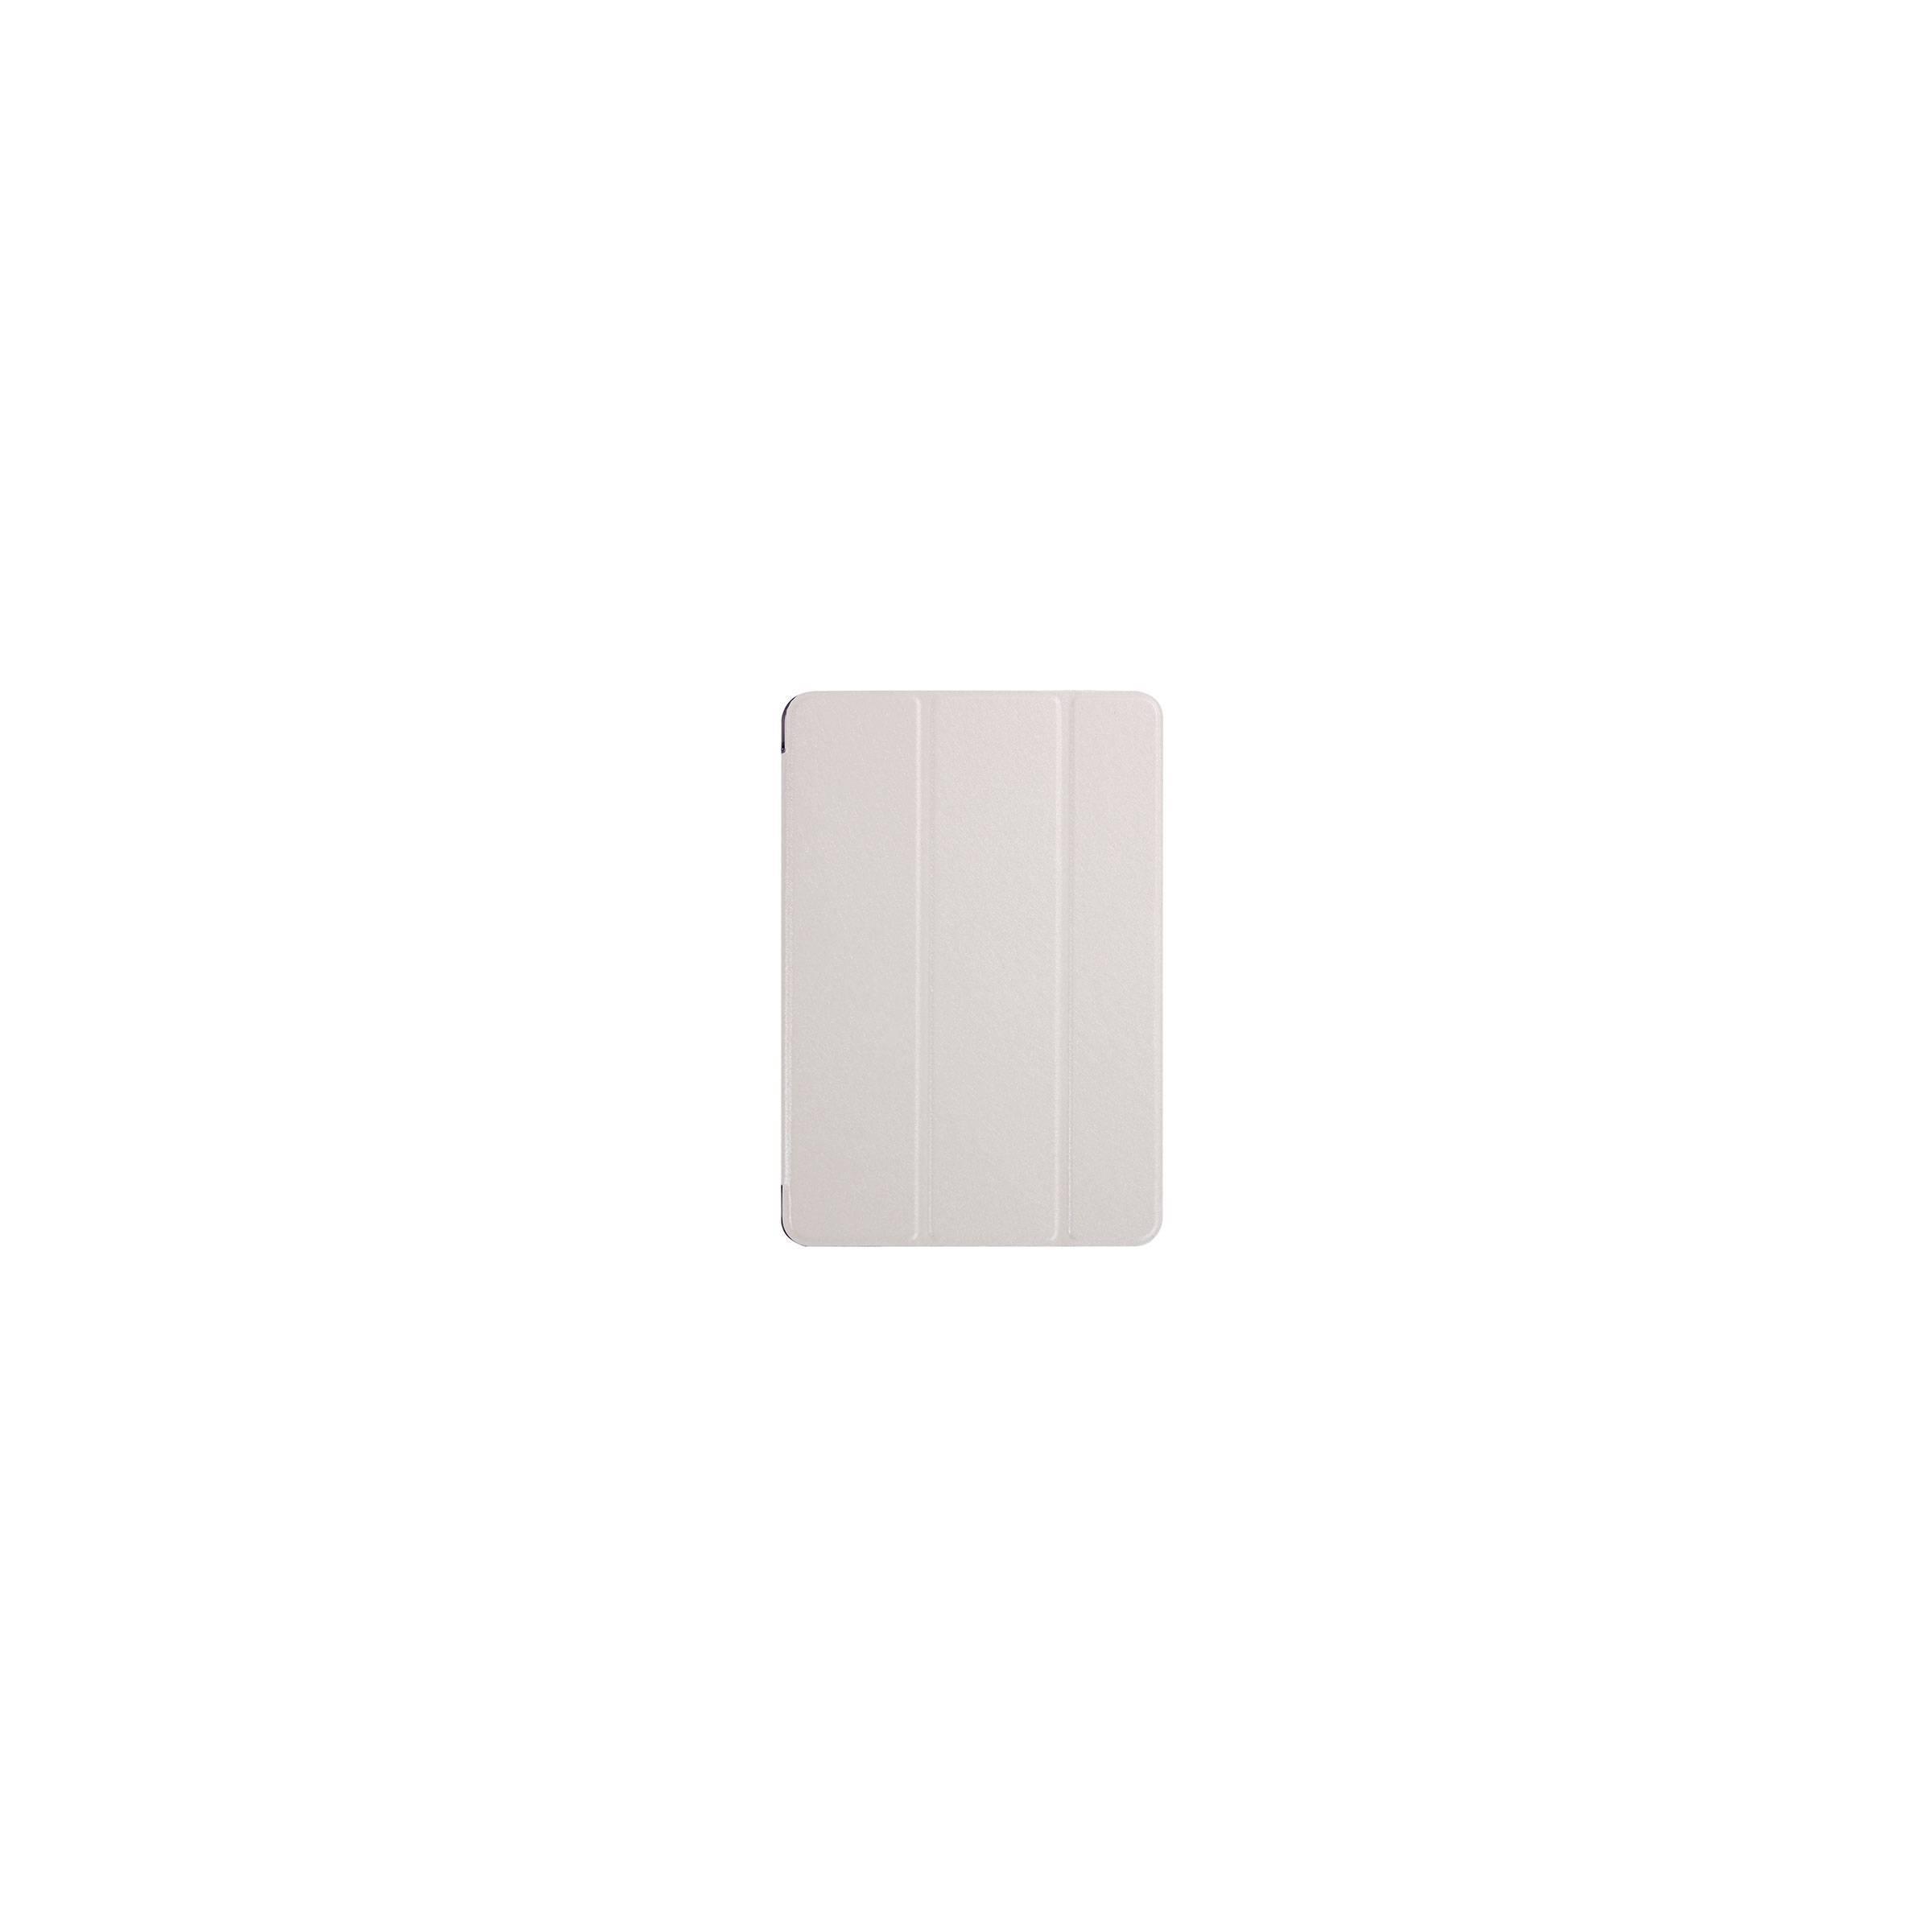 """kina oem – Ipad pro 12,9"""" cover med smartcover funktion farve hvid fra mackabler.dk"""